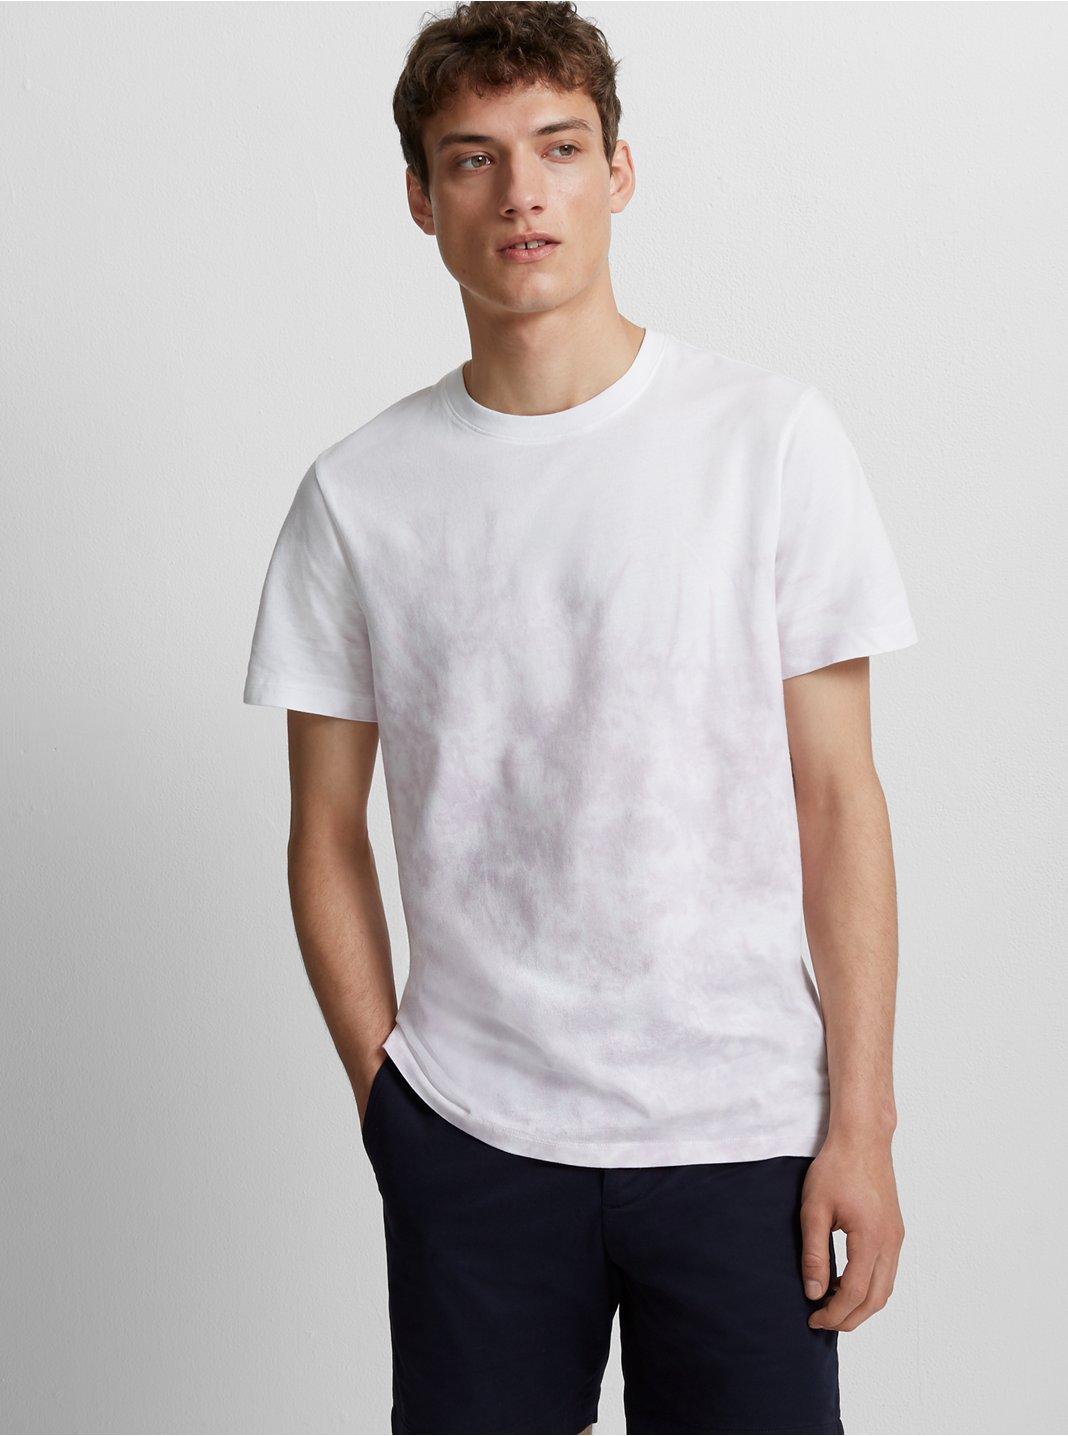 클럽 모나코 맨 Dip-Dye 반팔 티셔츠 Club Monaco Short Sleeve Dip-Dye Shirt